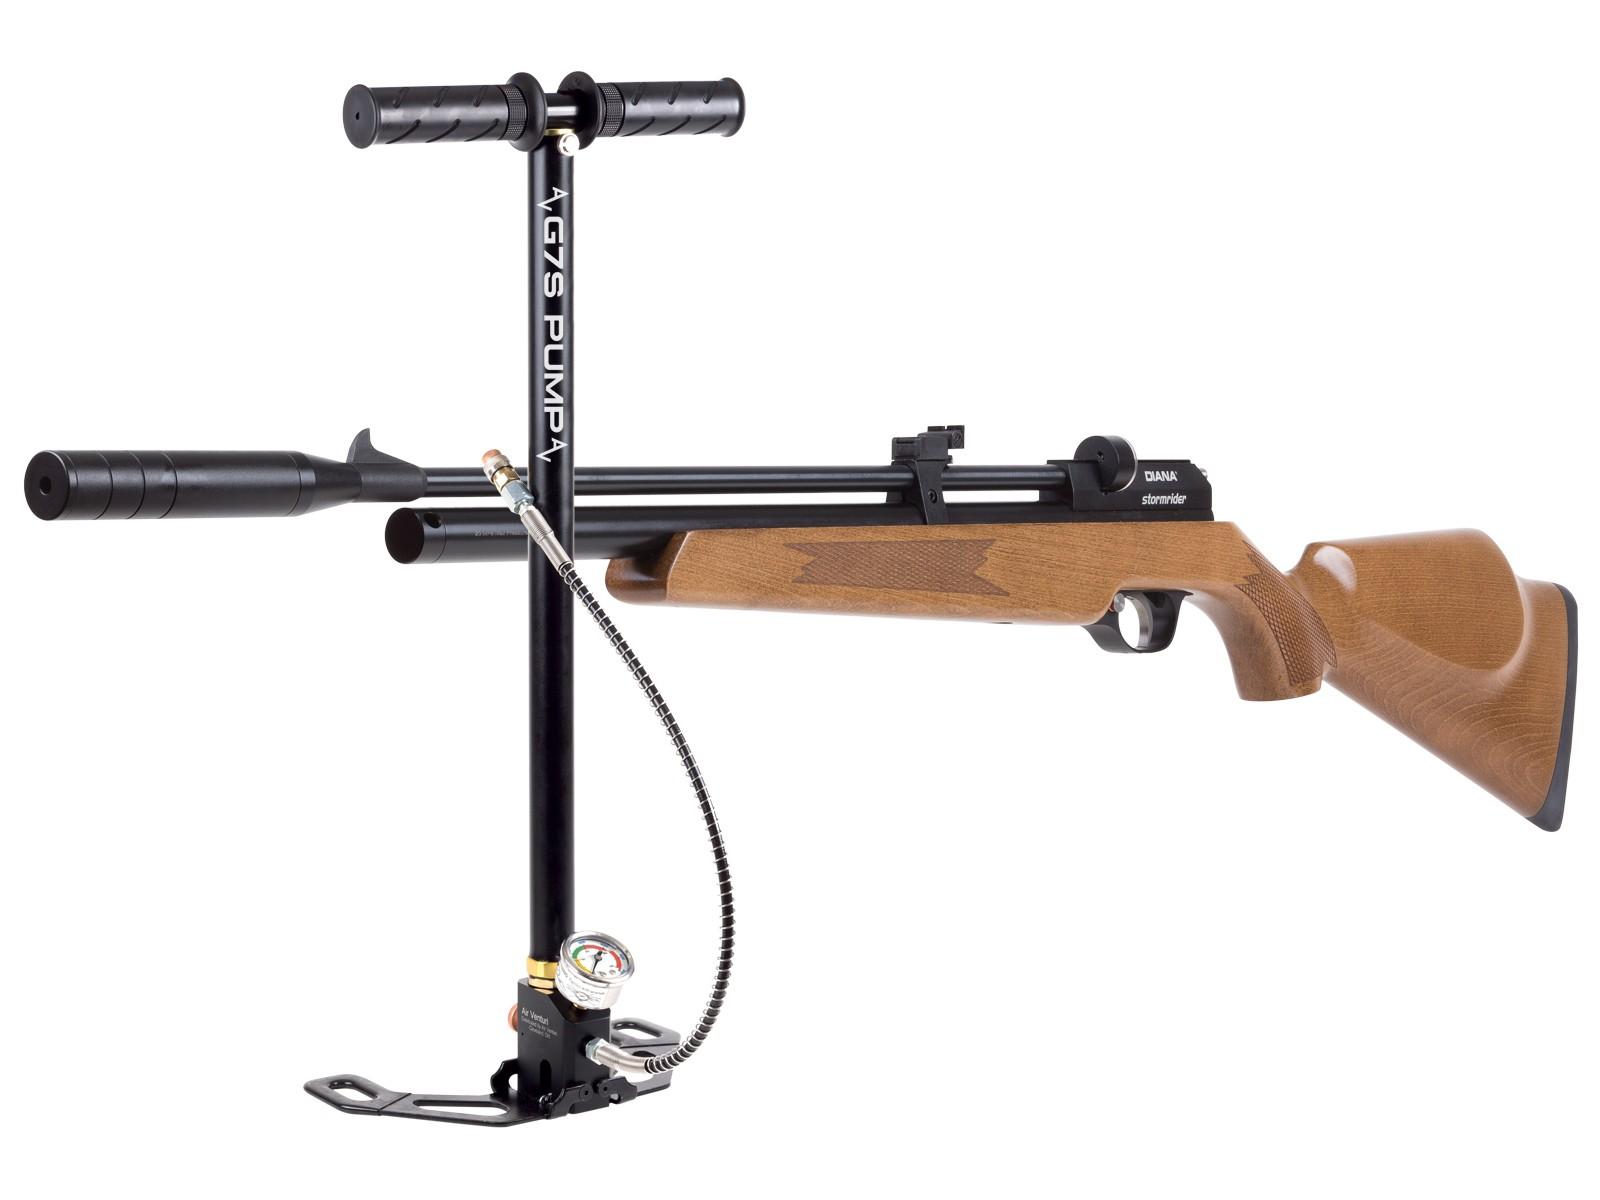 Diana Stormrider Multi-shot PCP Air Rifle and HPA Pump Kit 0.177 Image